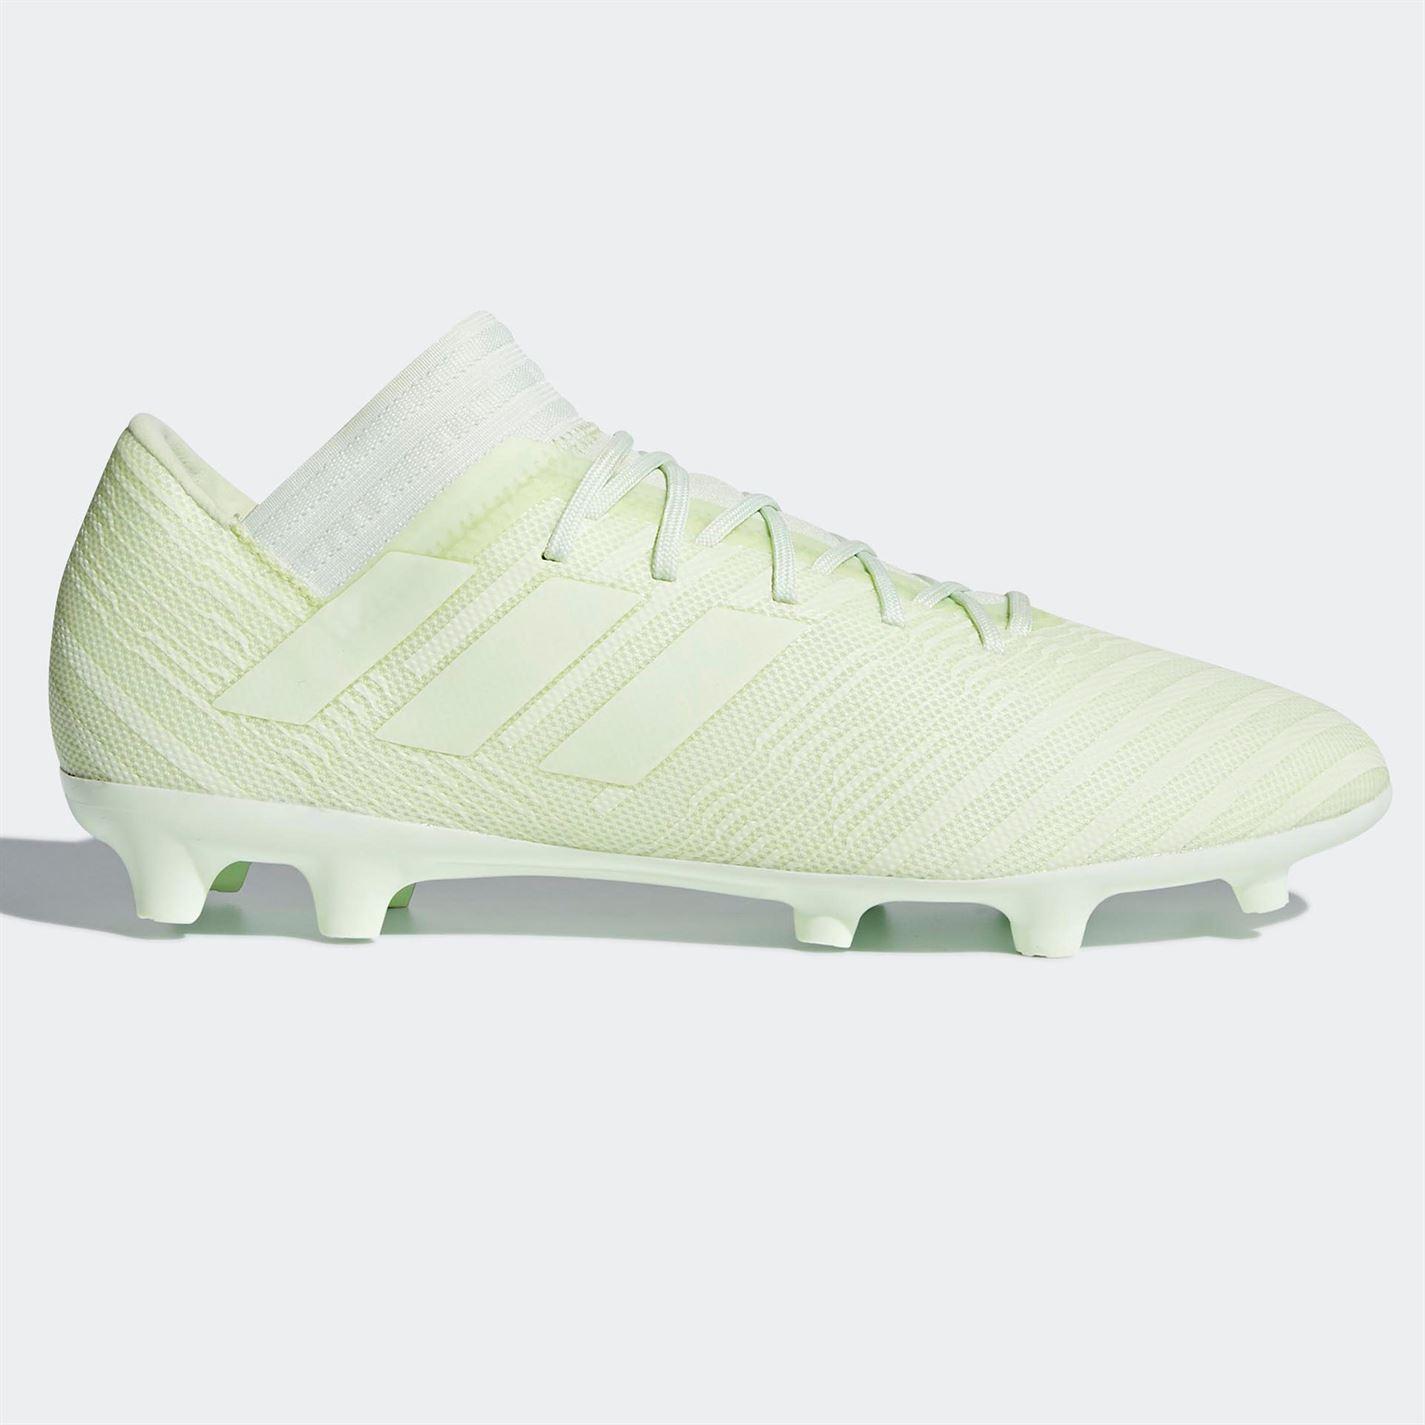 ... adidas Nemeziz 17.3 FG Firm Ground Football Boots Mens Green Soccer  Shoes Cleats ... c63e7650bd461